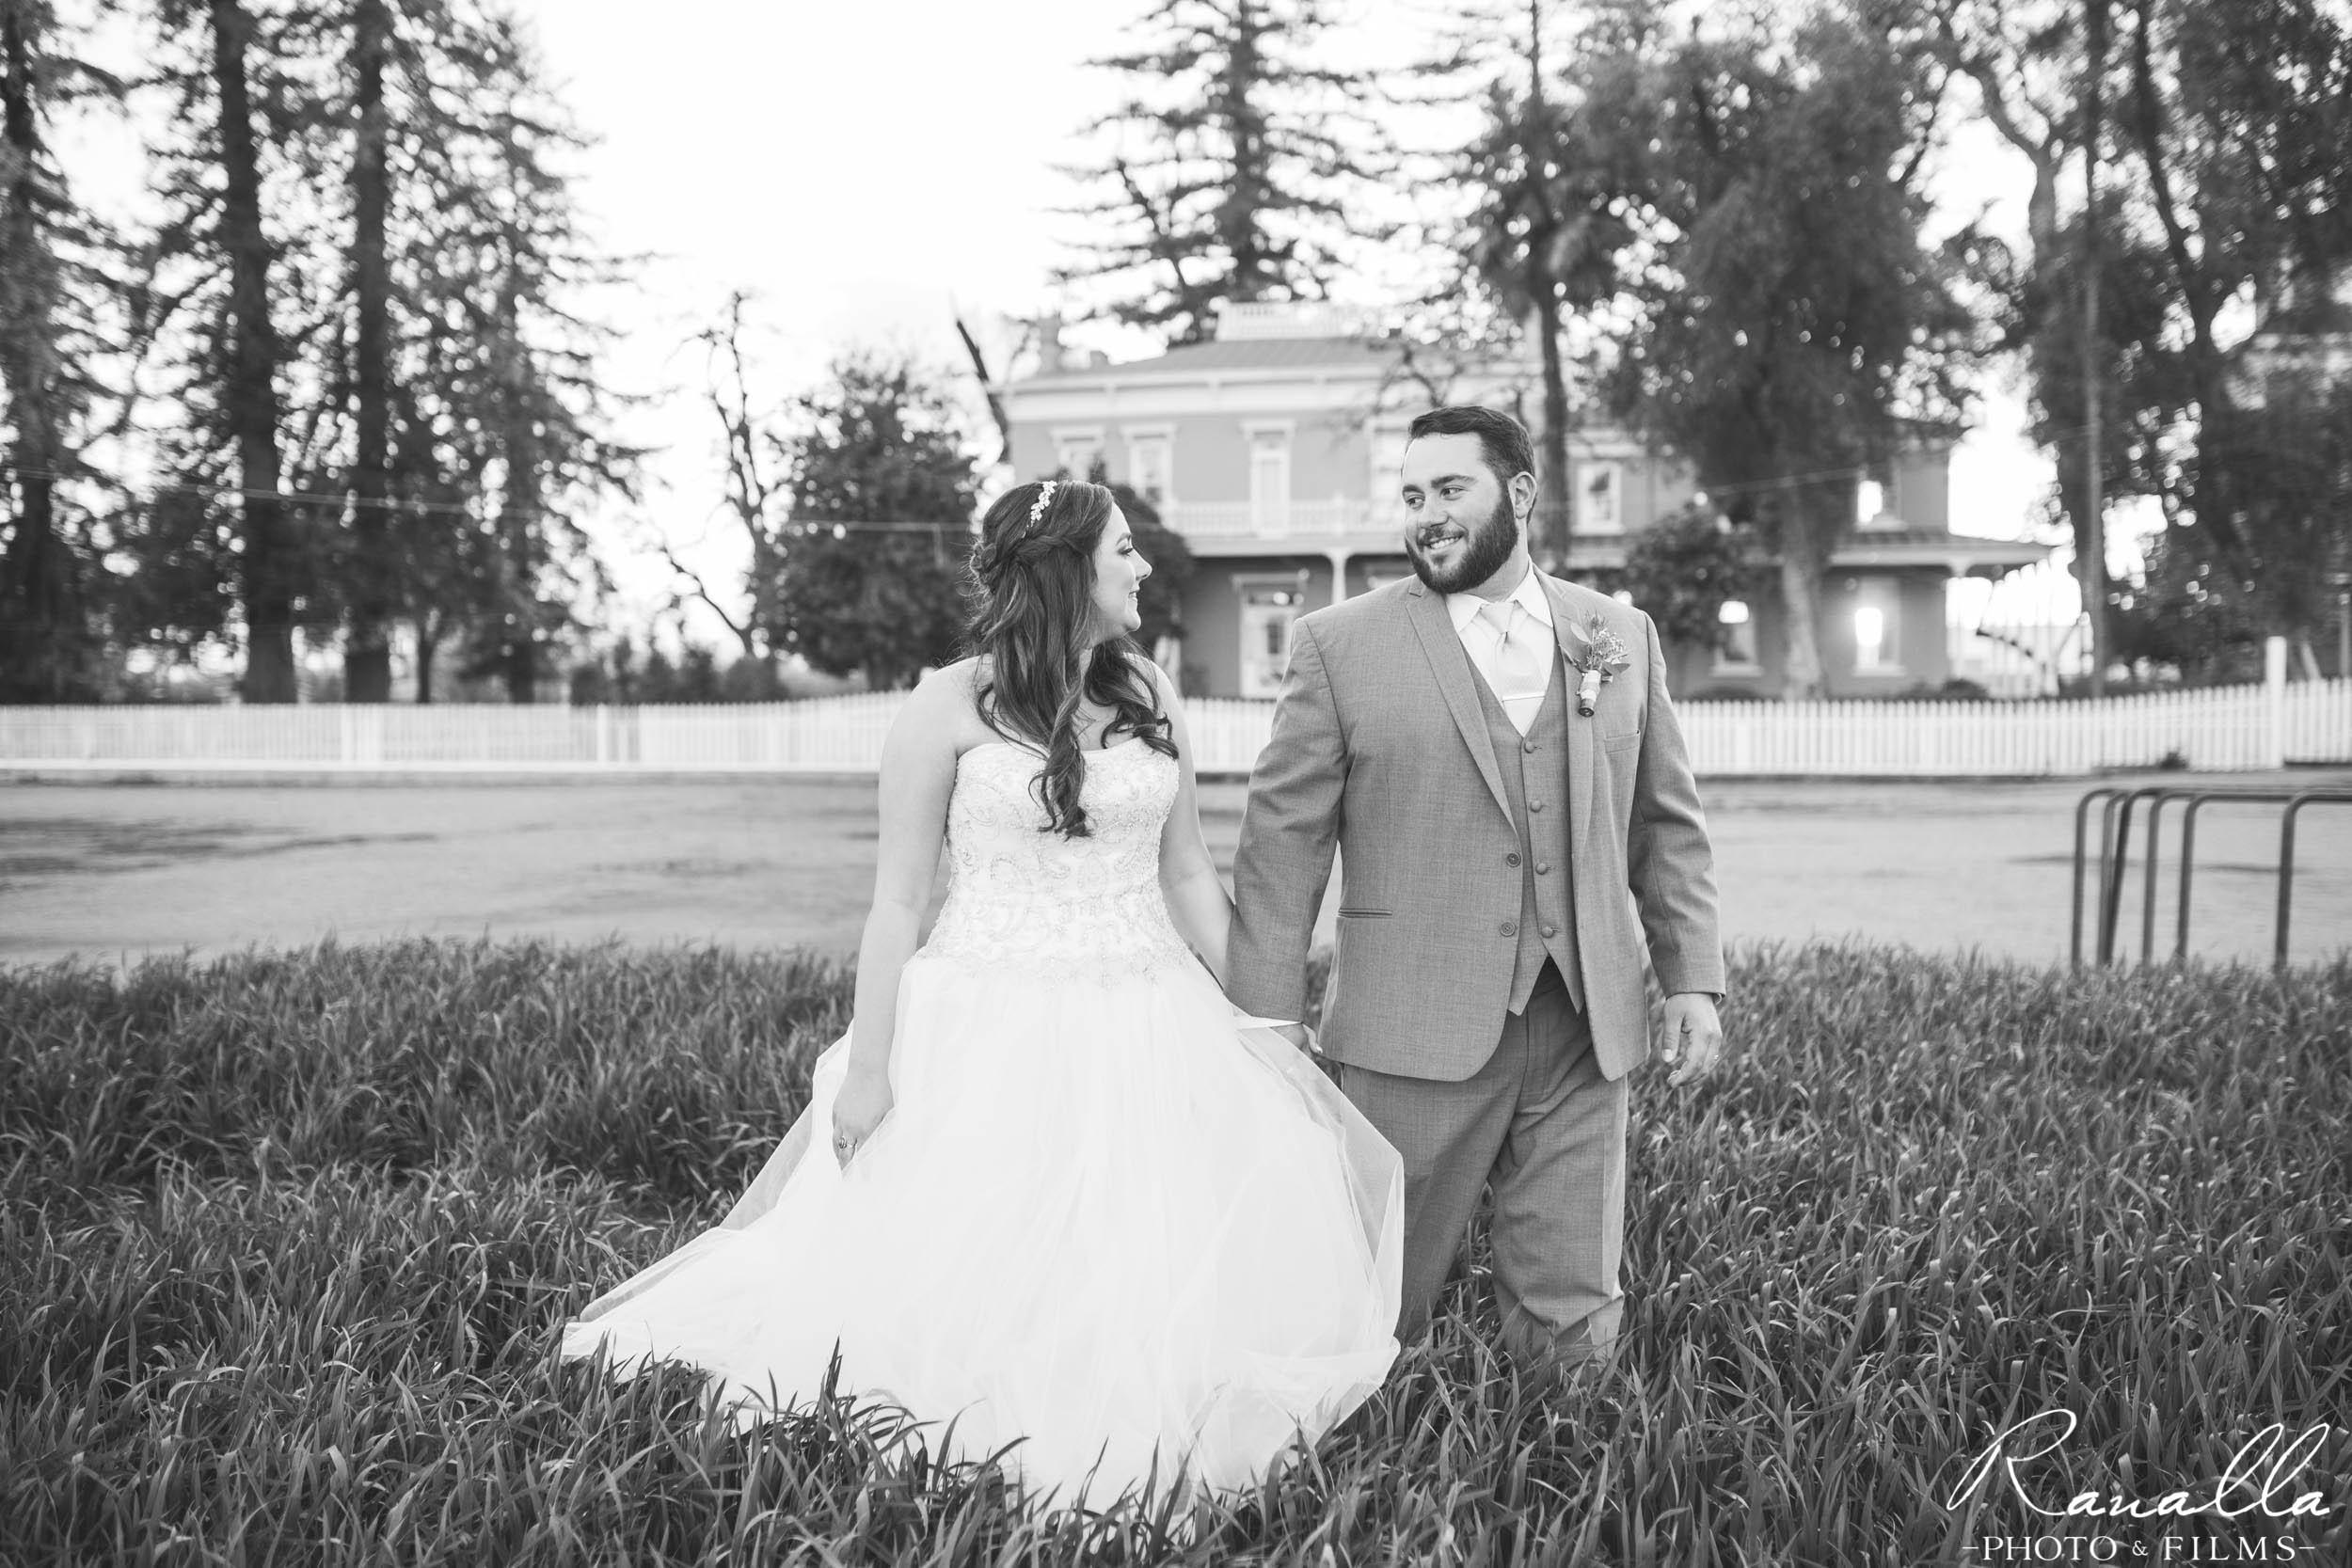 Chico Wedding Photography- Bride & Groom- Patrick Ranch Wedding Photos- Ranalla Photo & Films